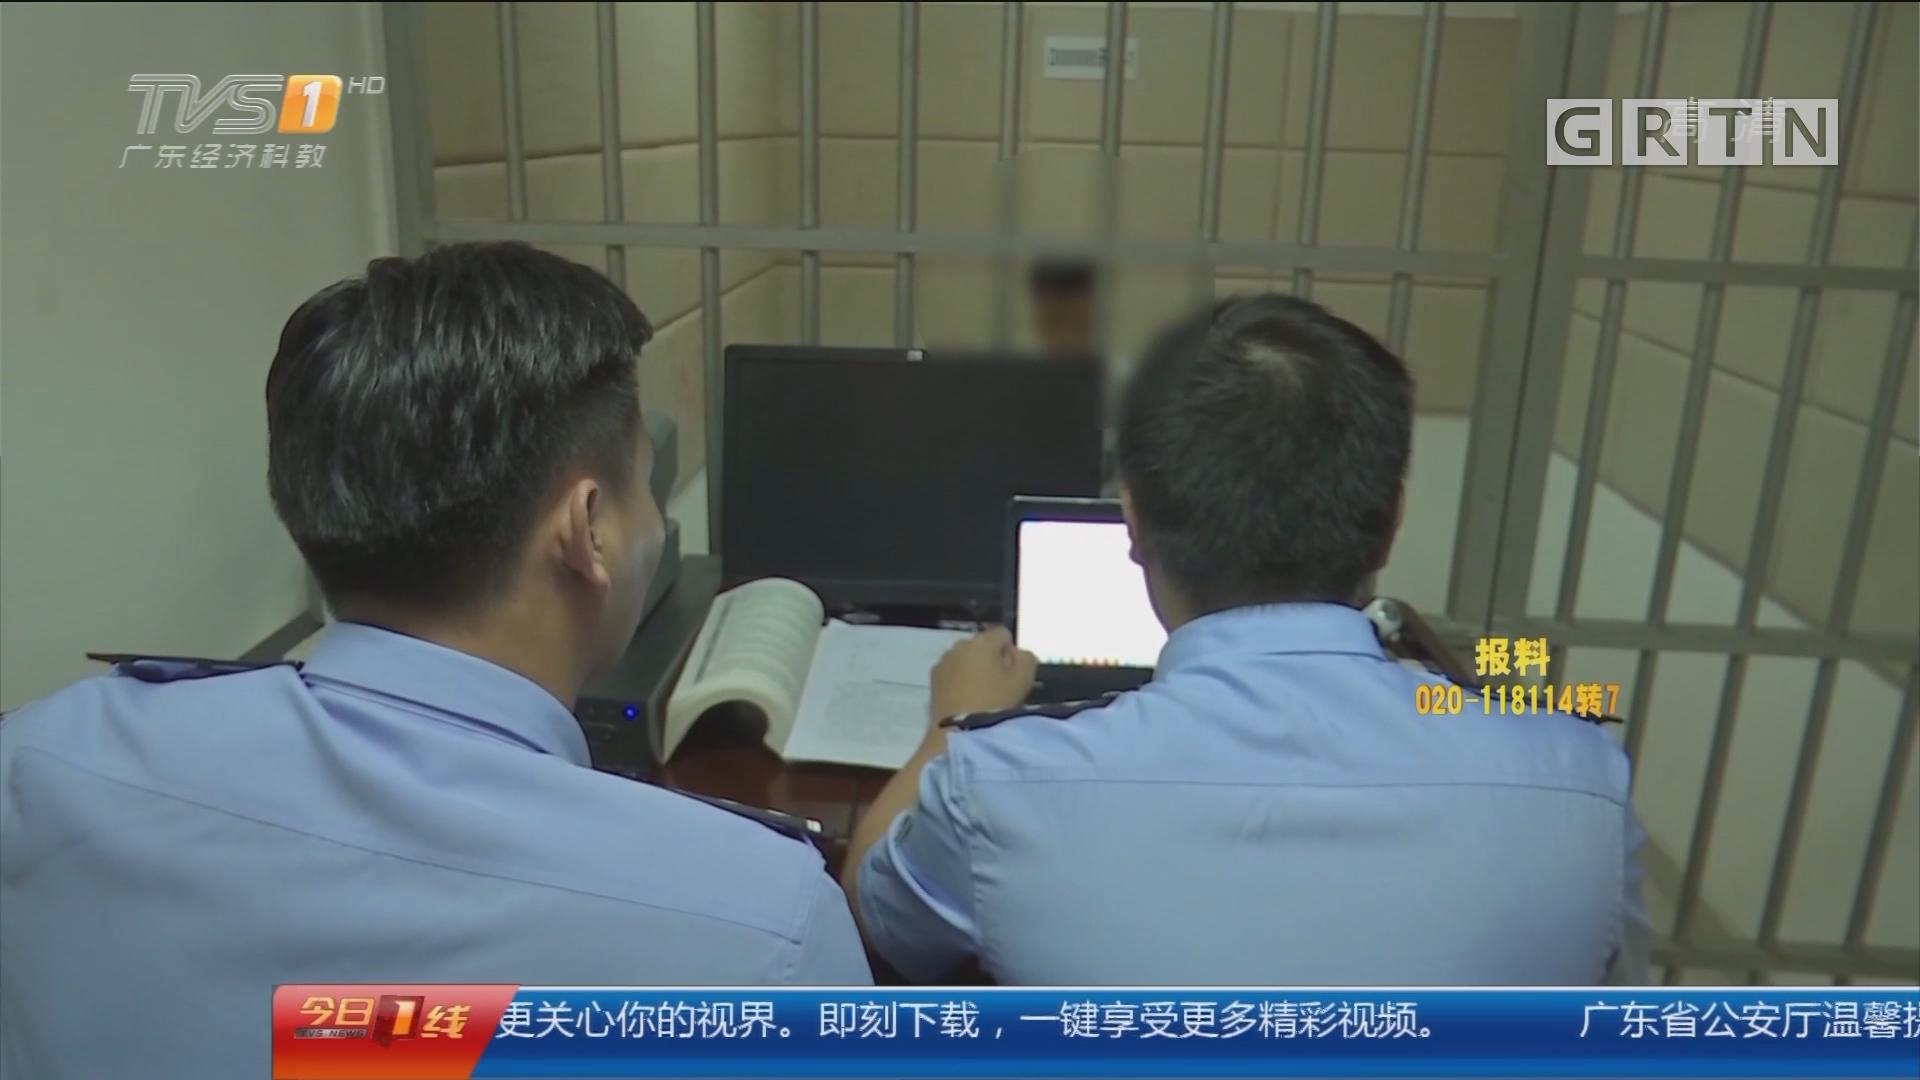 汕头潮南区:女子当街遭暴打 警方次日抓获4人